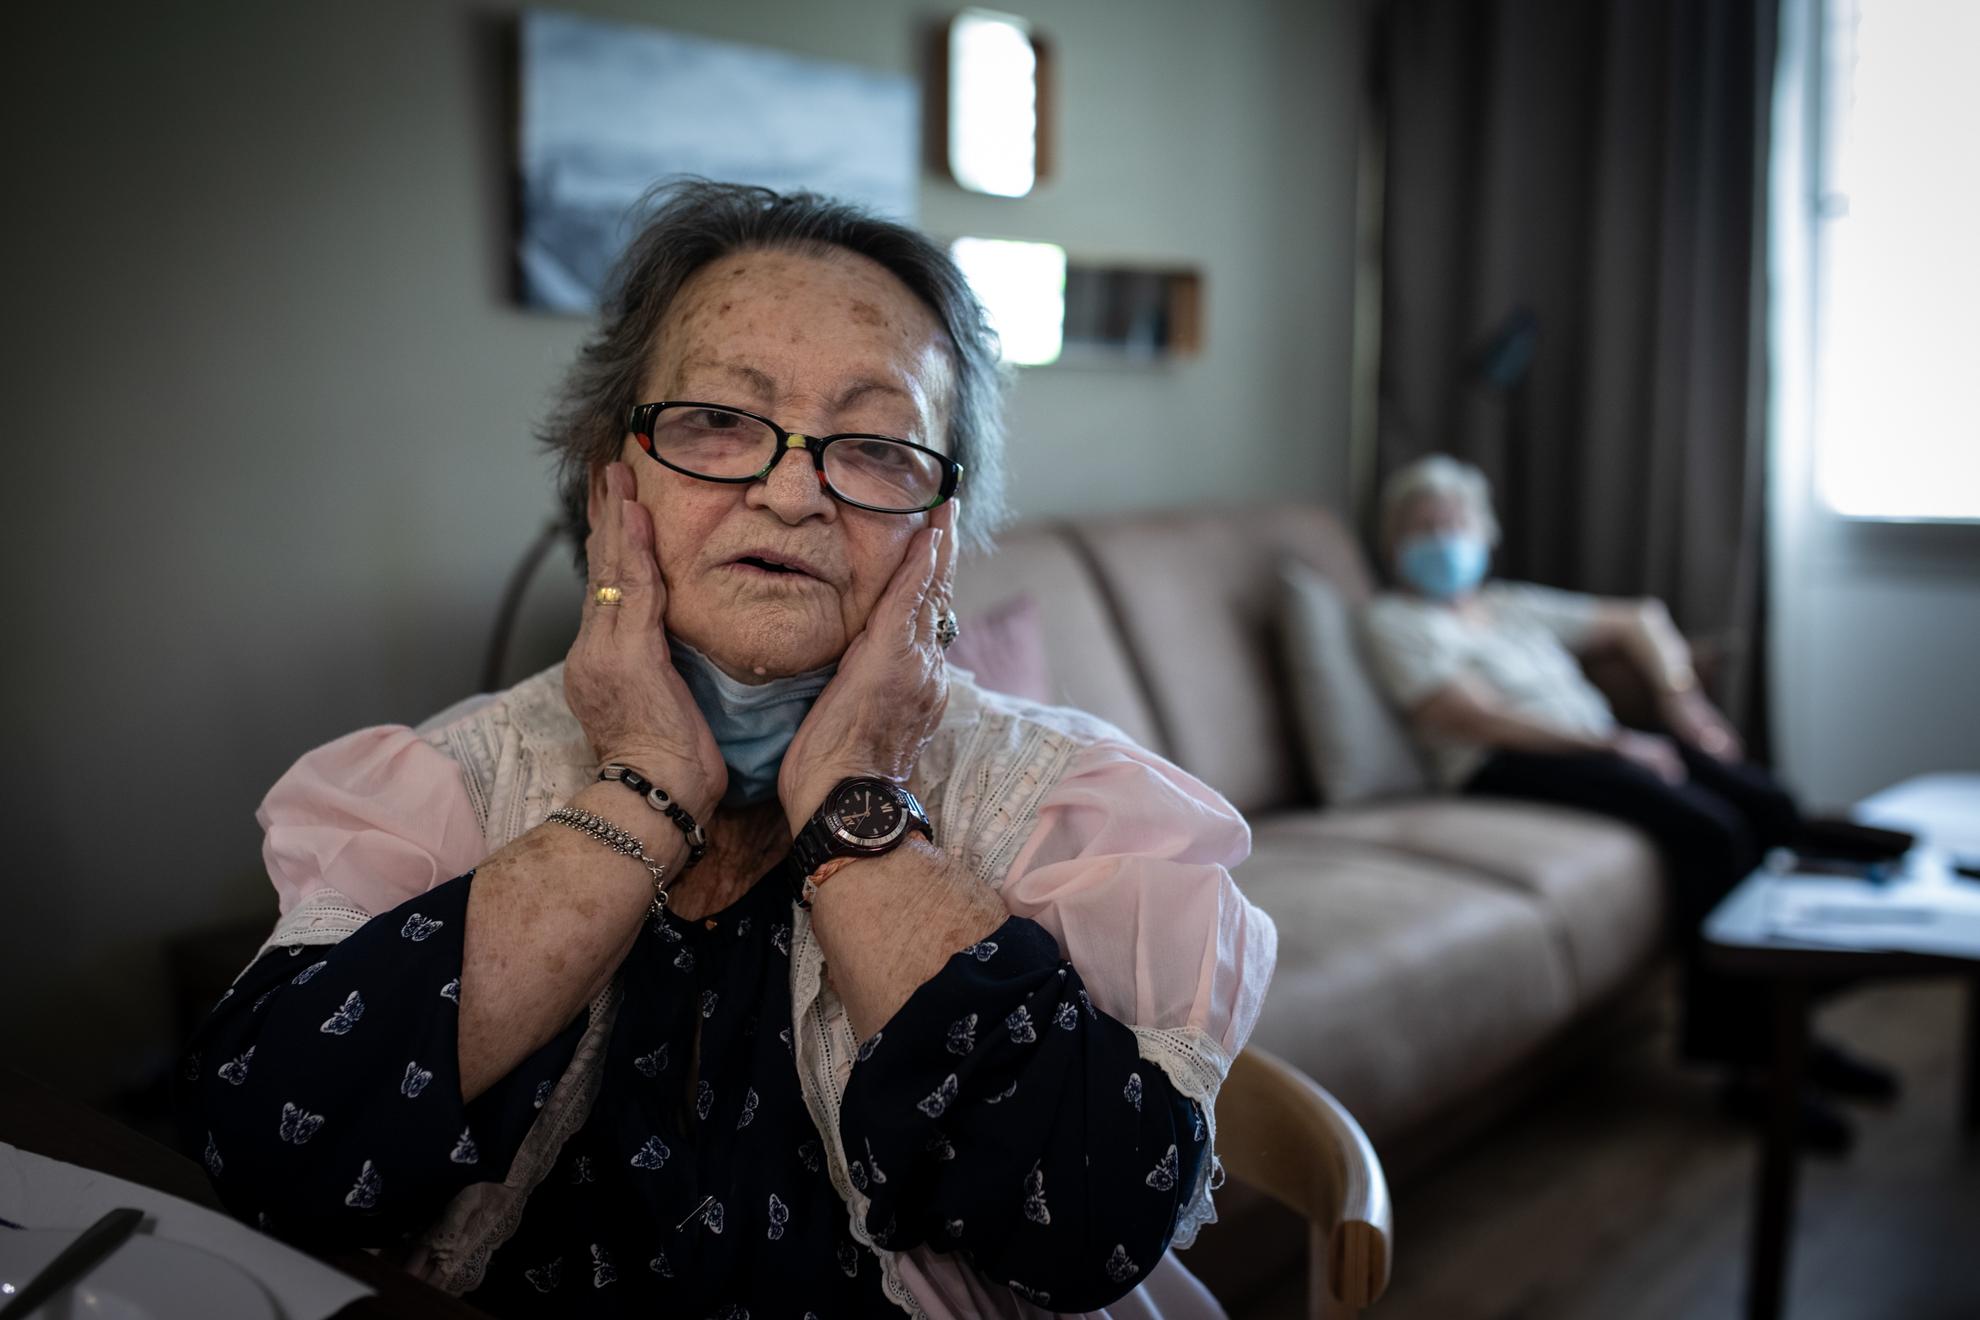 """""""He llorado muchísimo"""", dice Use. No le gusta nada que le llamen Eusebia, y quiere que pongamos que tiene 18 años. Desde luego su voz transmite la energía de una adolescente. Nació en Cáceres, pero lleva 60 años viviendo en Madrid. Tuvo cuatro hijos, uno murió. Pero llegaron a su vida ocho nietos y un bisnieto. Ahora está en el hotel Eurobuilding 2 que el Ayuntamiento ha habilitado con la ayuda de Madrid Salud para personas mayores que viven solas, y tienen dificultad para valerse sin ayuda. """"Al principio venía una asistente para ayudarme a bañar y hacer la comida, majísimas eran, pero yo sola en casa… han sido días muy duros"""", reconoce. Ahora está atendida las 24 horas. Colorea mandalas para entretenerse y habla con sus nuevas amigas del hotel. Ya no llora. Y seguro que su alegría contagiosa ayuda disipar la tristeza que ha sembrado el Covid-19."""